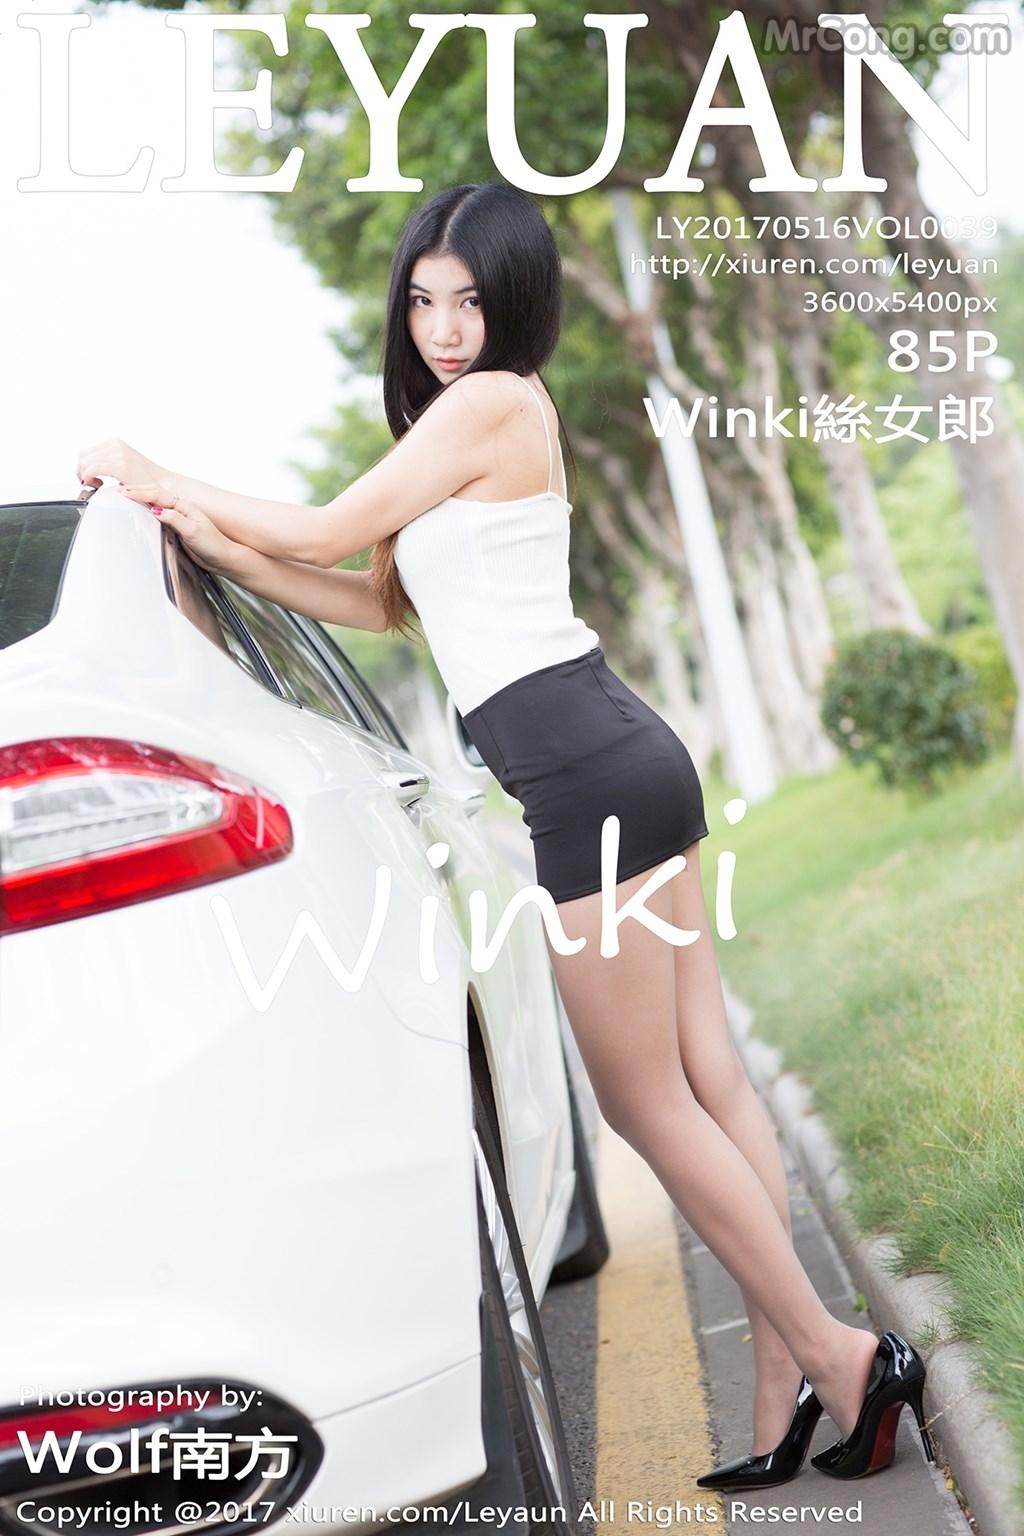 LeYuan Vol.039: Người mẫu Winki (絲女郎) (86 ảnh)